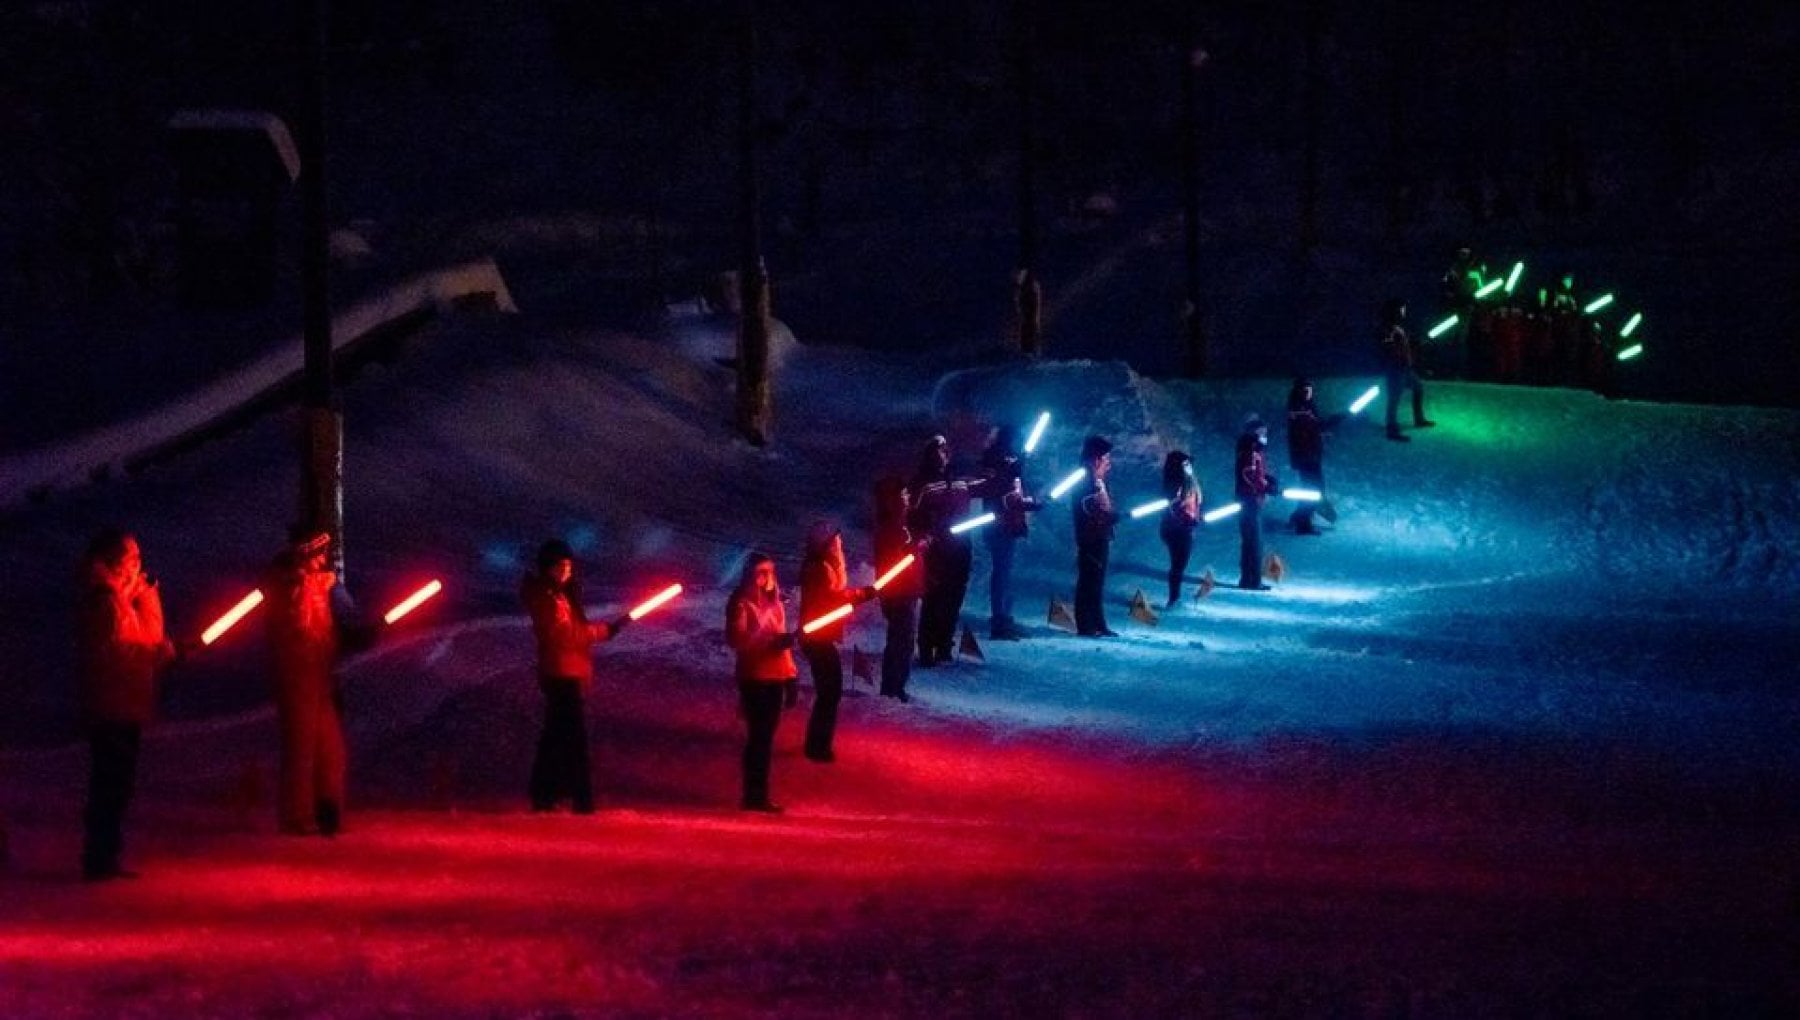 Courmayeur la fiaccolata statica dei maestri di sci contro il lungo inverno in isolamento